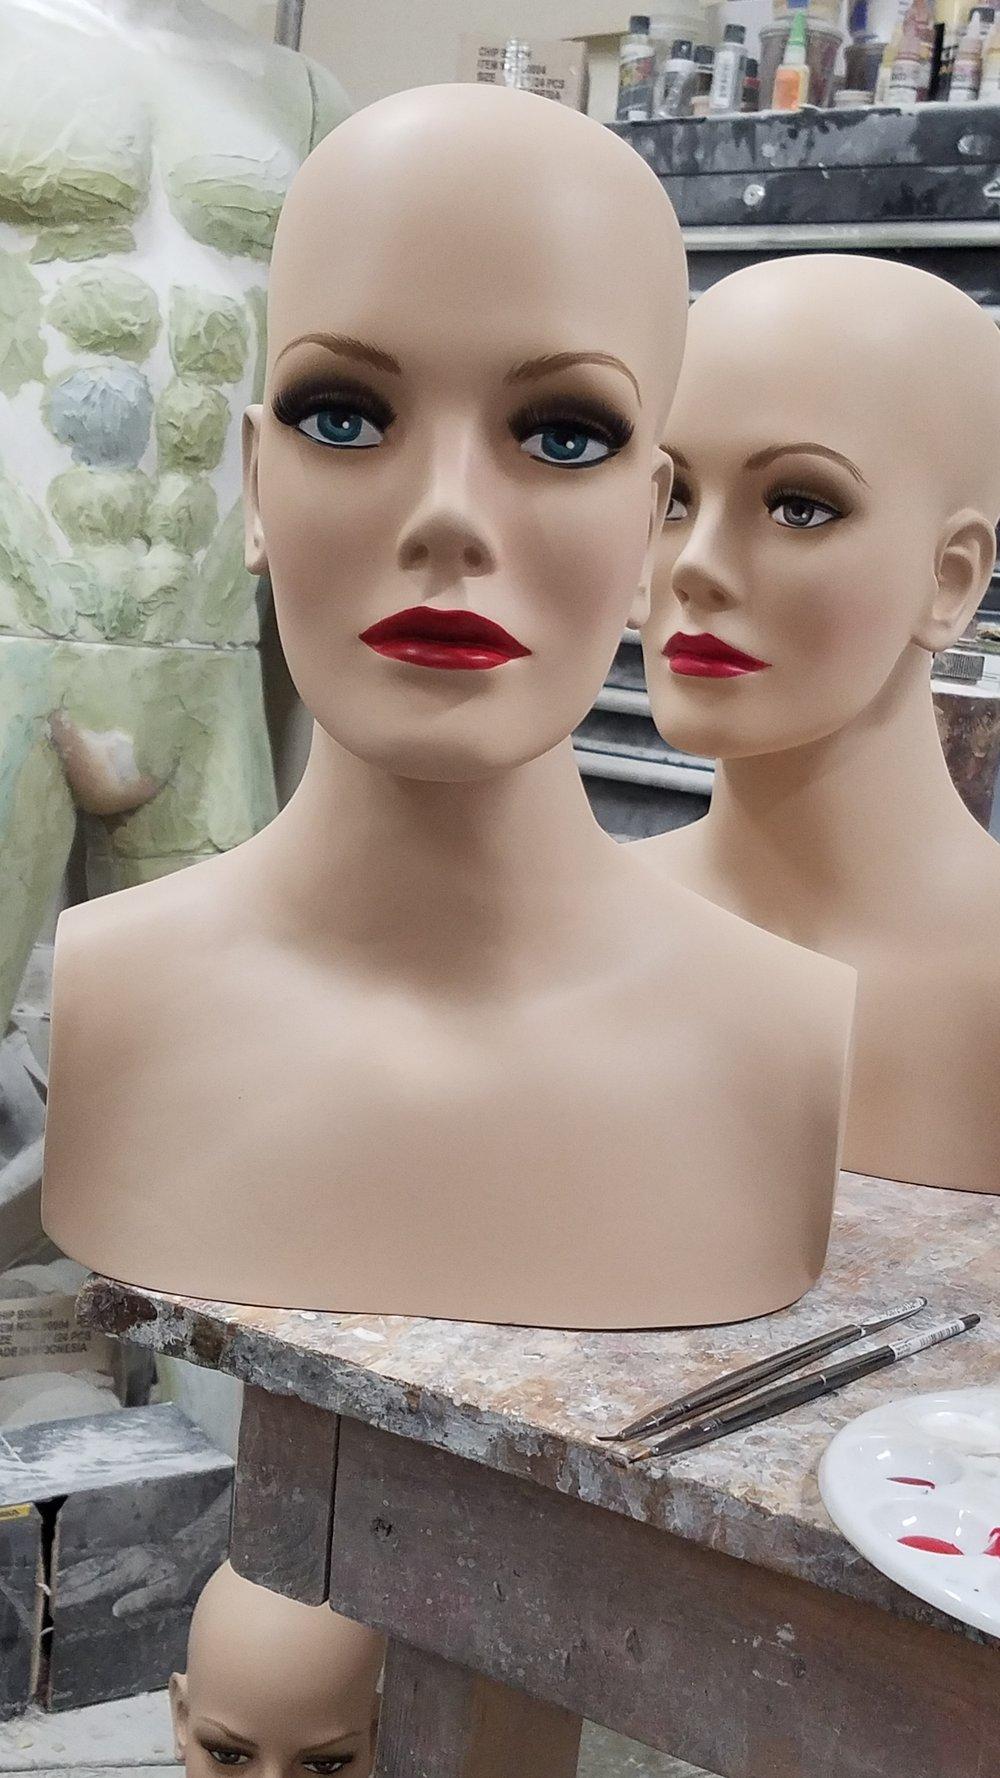 Vintage Bald Head Forms